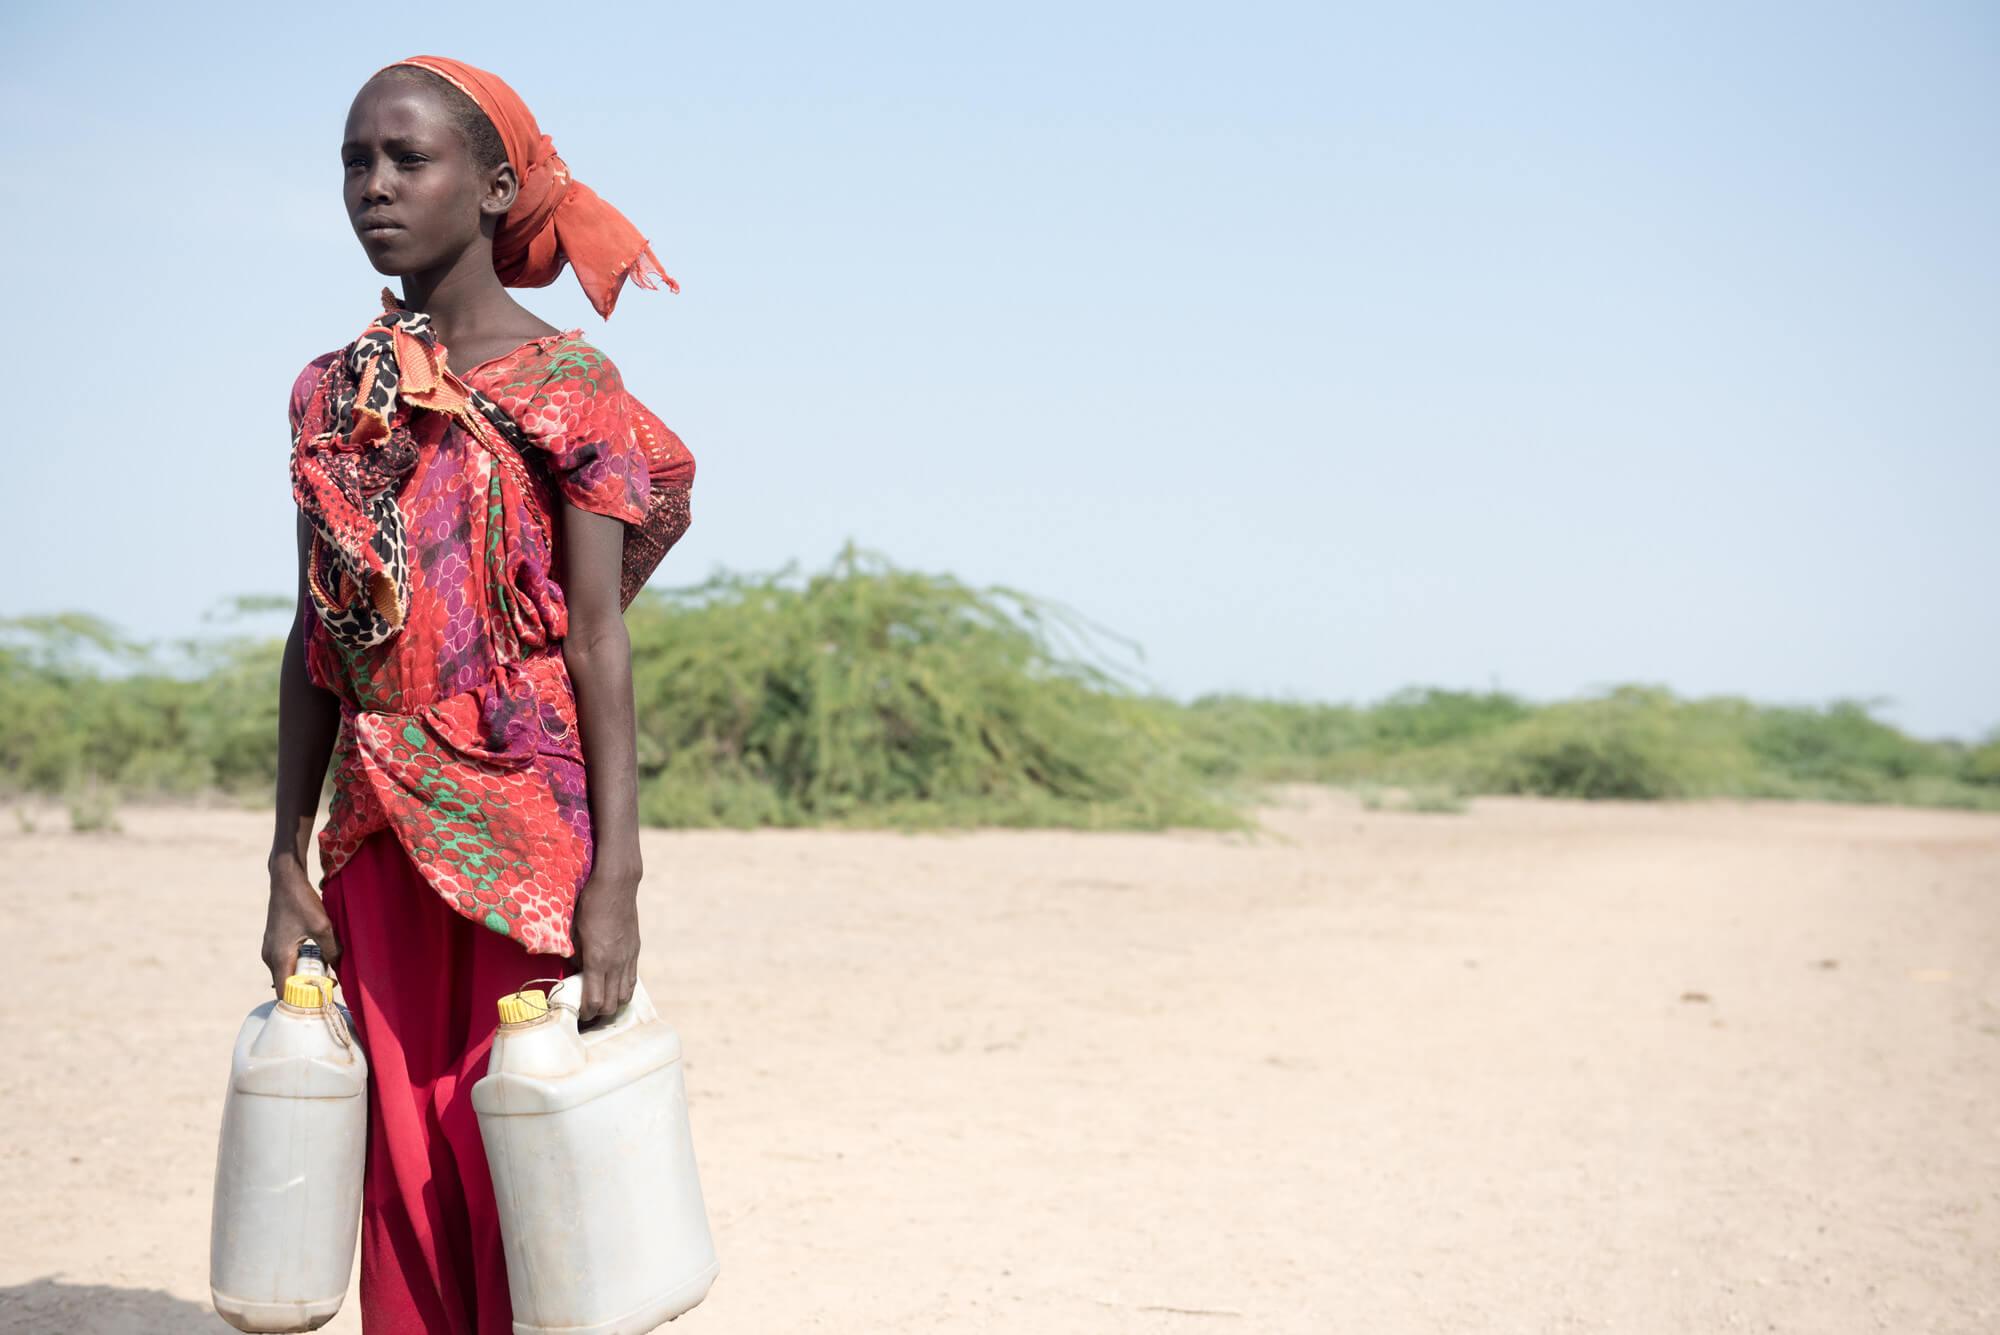 Etiopie: Zvýšení odolnosti vůči katastrofám v Etiopii